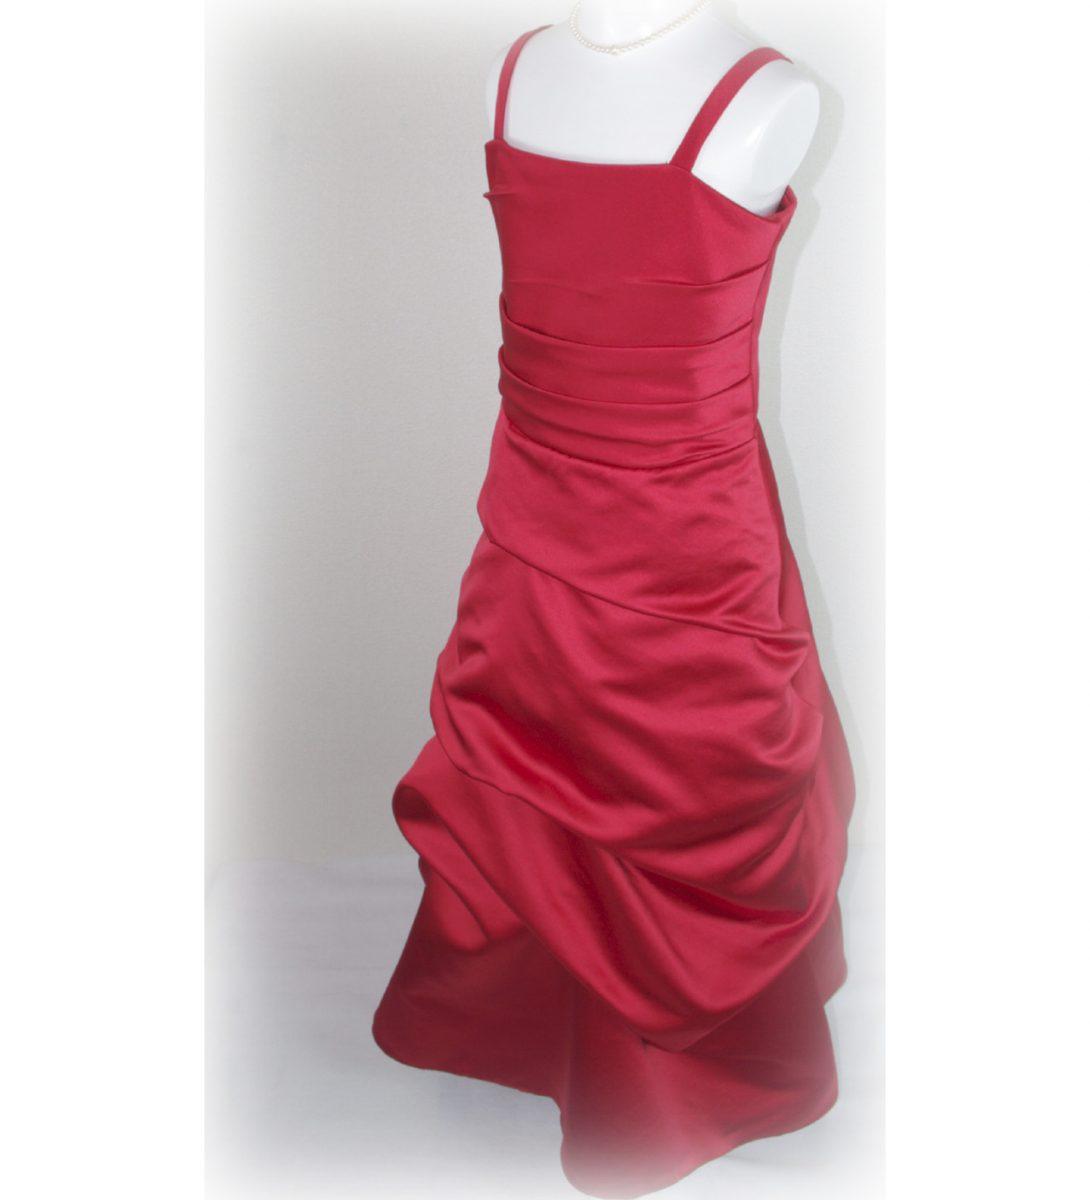 子供ドレス「ロイズ」クイーン・レッド J8002-1